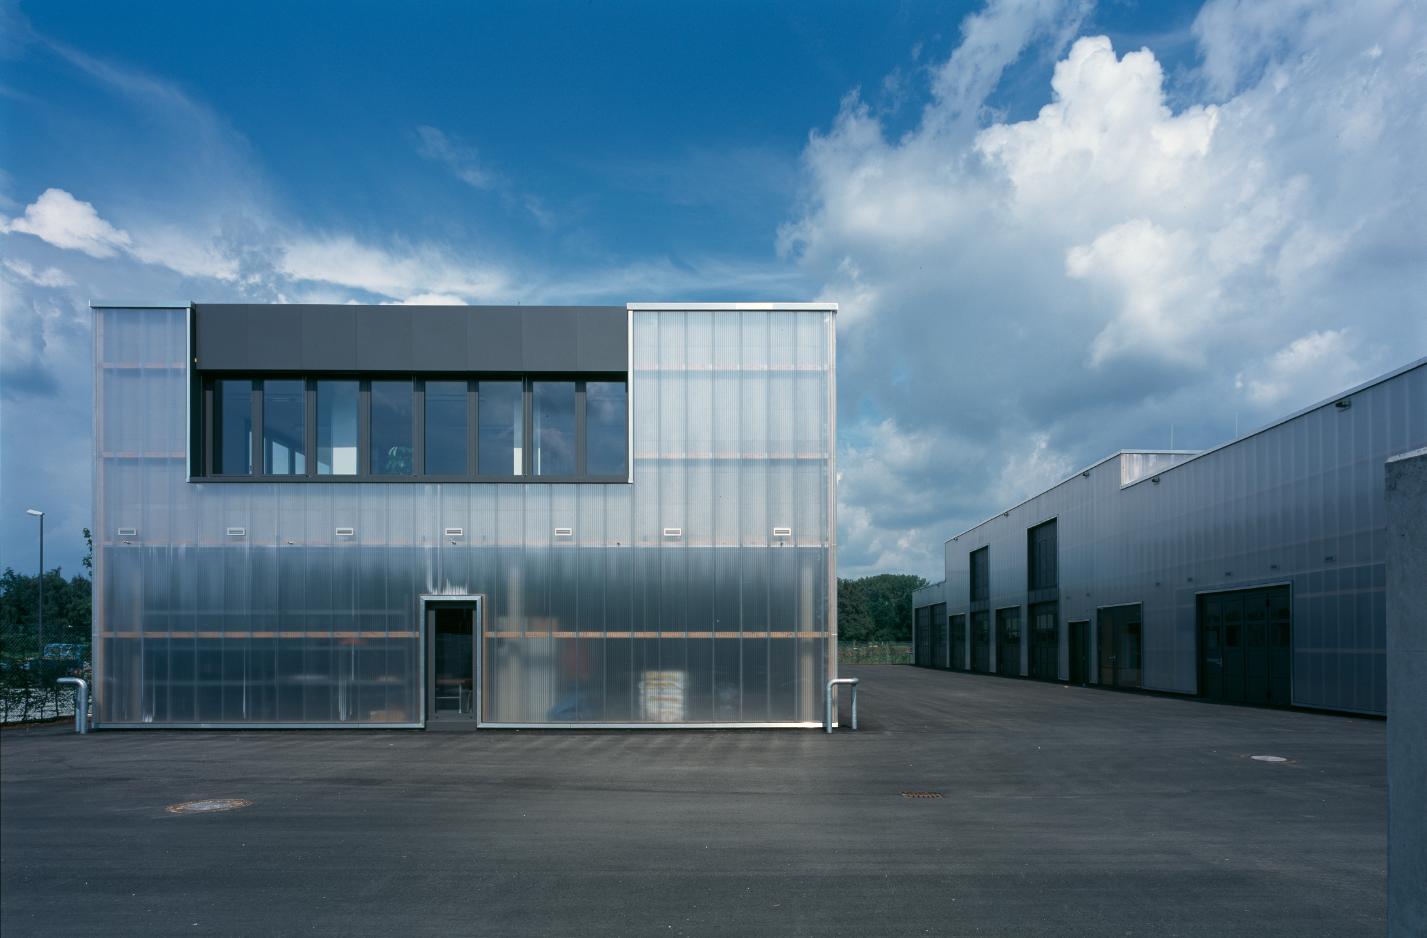 Tageslichtdurchflutete Werkstattbereiche durch Polycarbonatfassaden; hier mit durchscheinendem Stahlbetonvolumen des Verwaltungsbereiches, Foto: Florian Holzherr